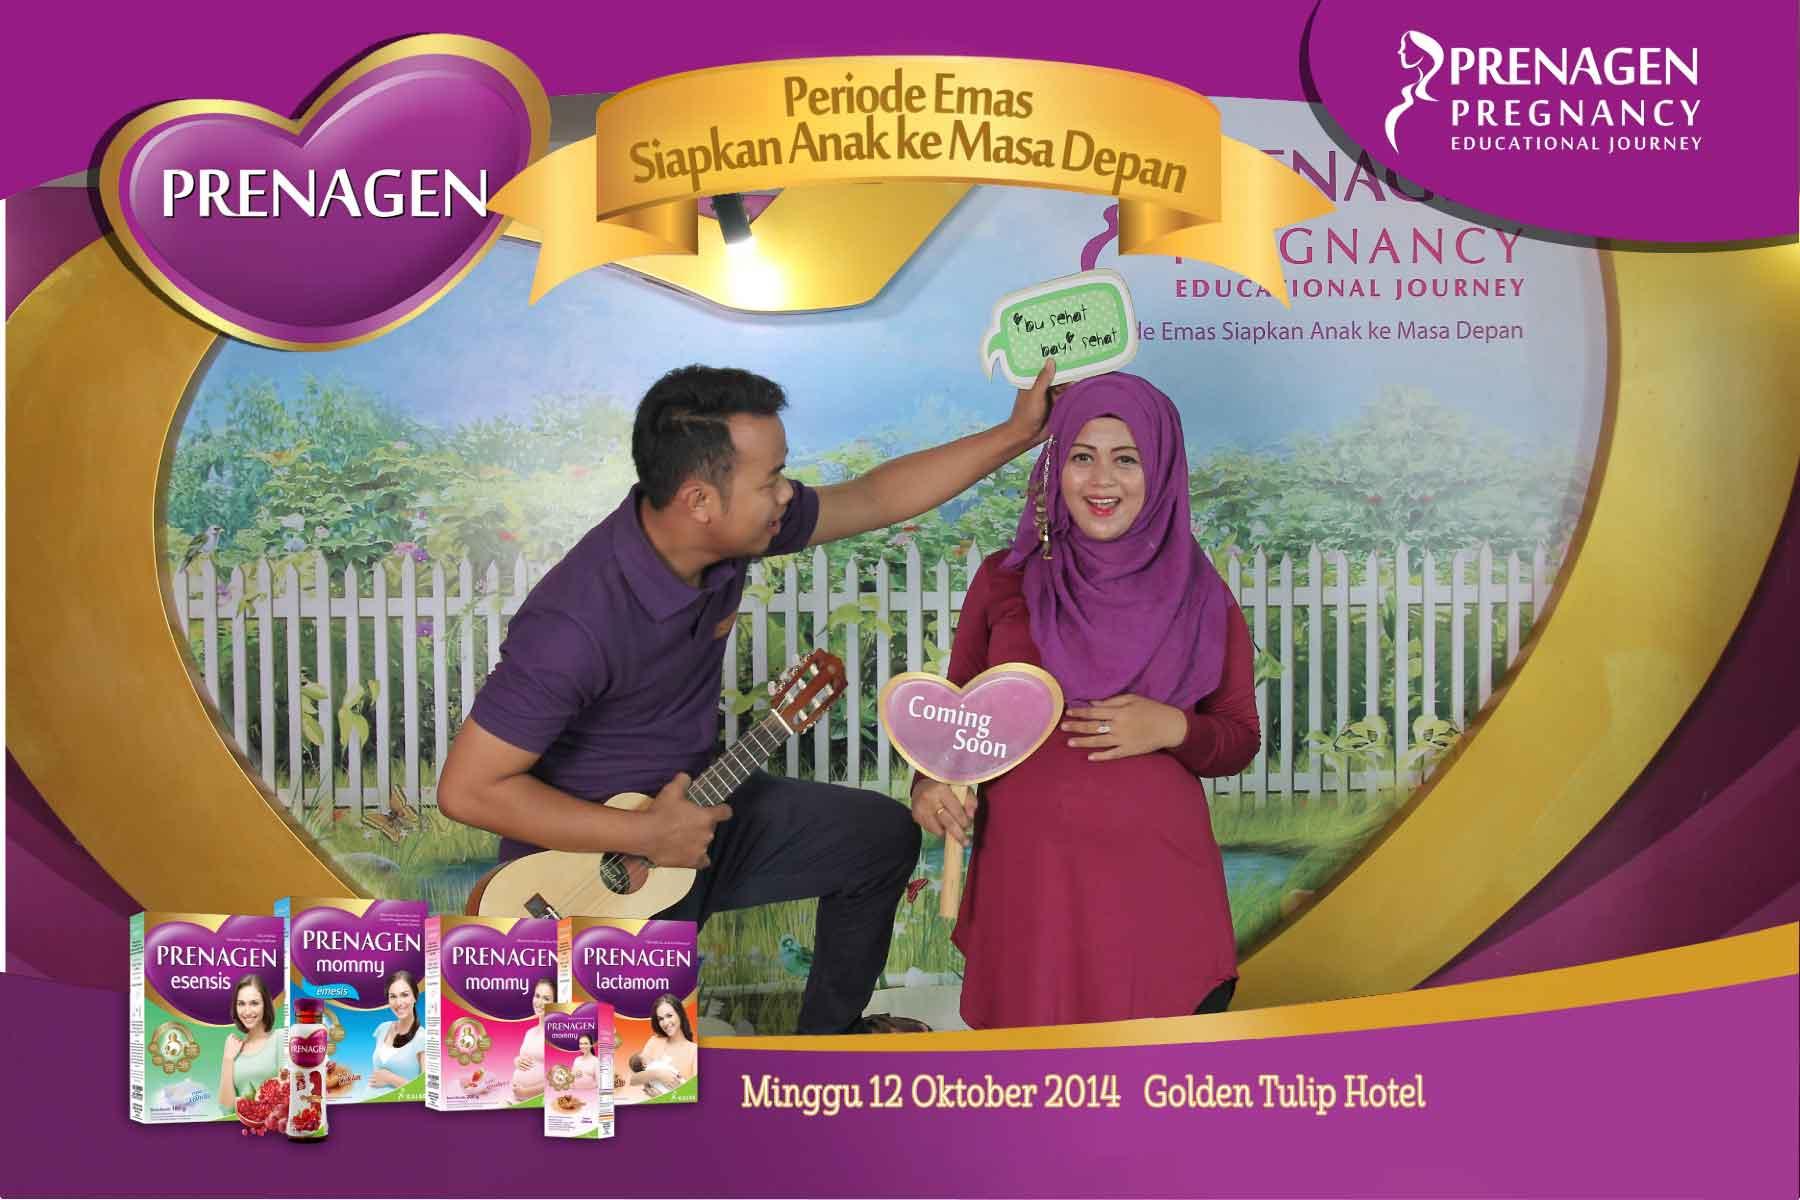 Wedding Vendors In Banjarmasin Prenagen Lactomom